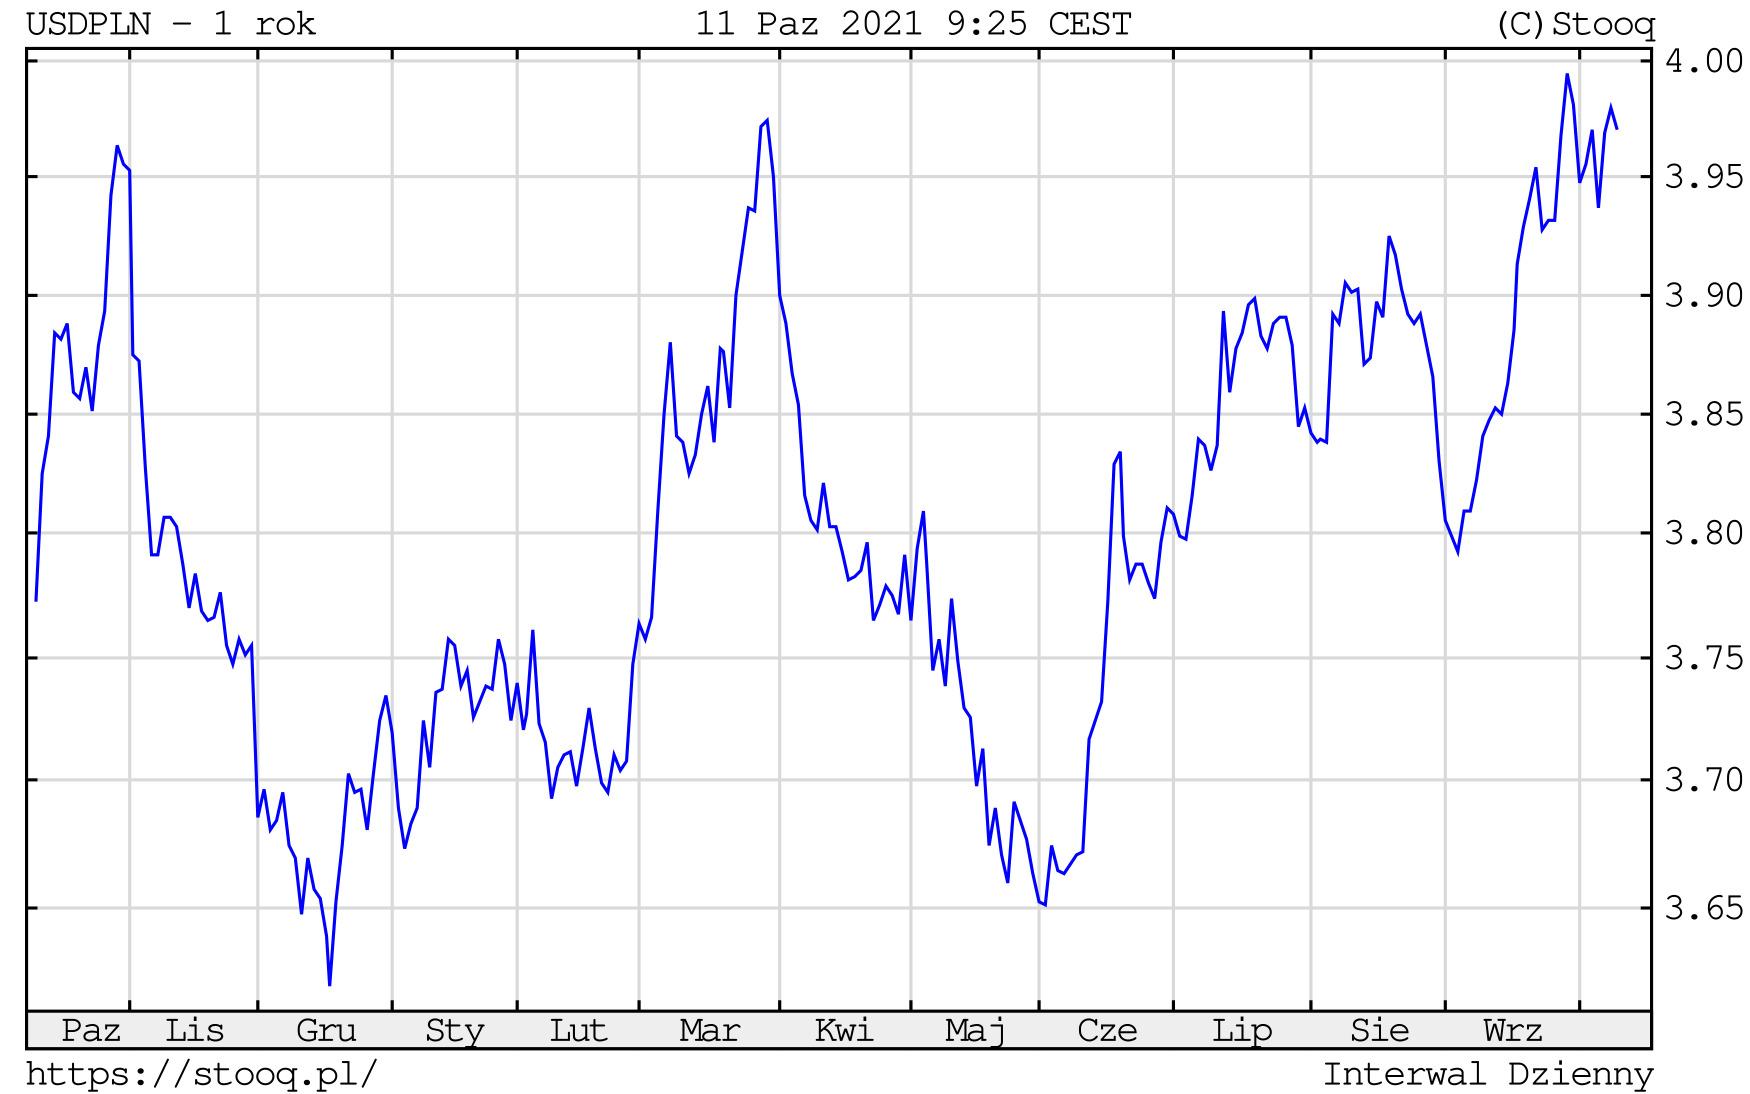 Kurs dolara w poniedziałek, 11 października 2021 roku. Notowania USD/PLN na wykresie dziennym